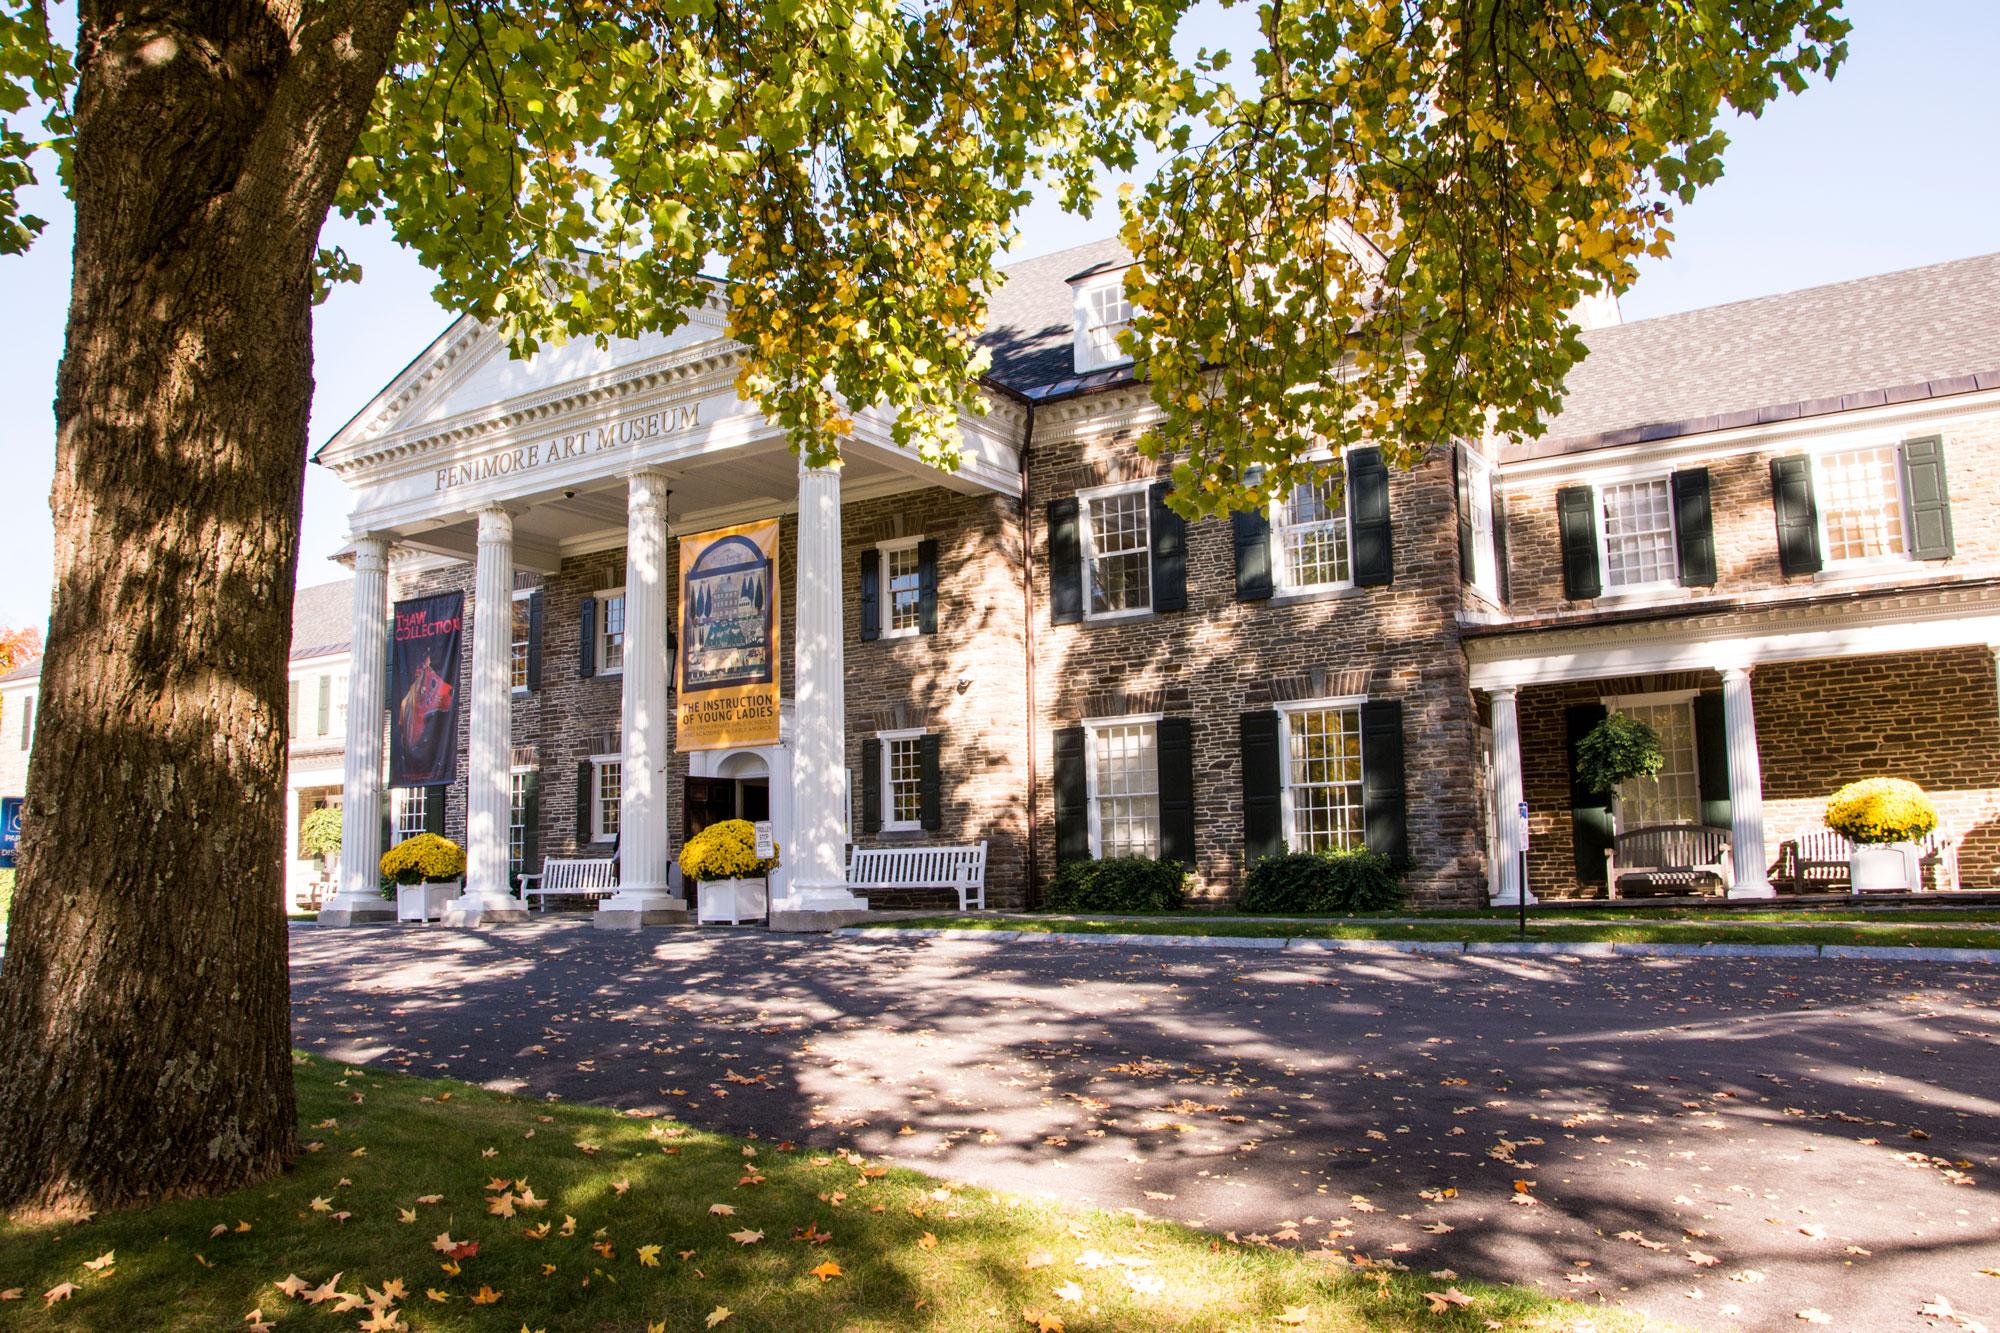 Fenimore Art Museum's 2018 Annual Report